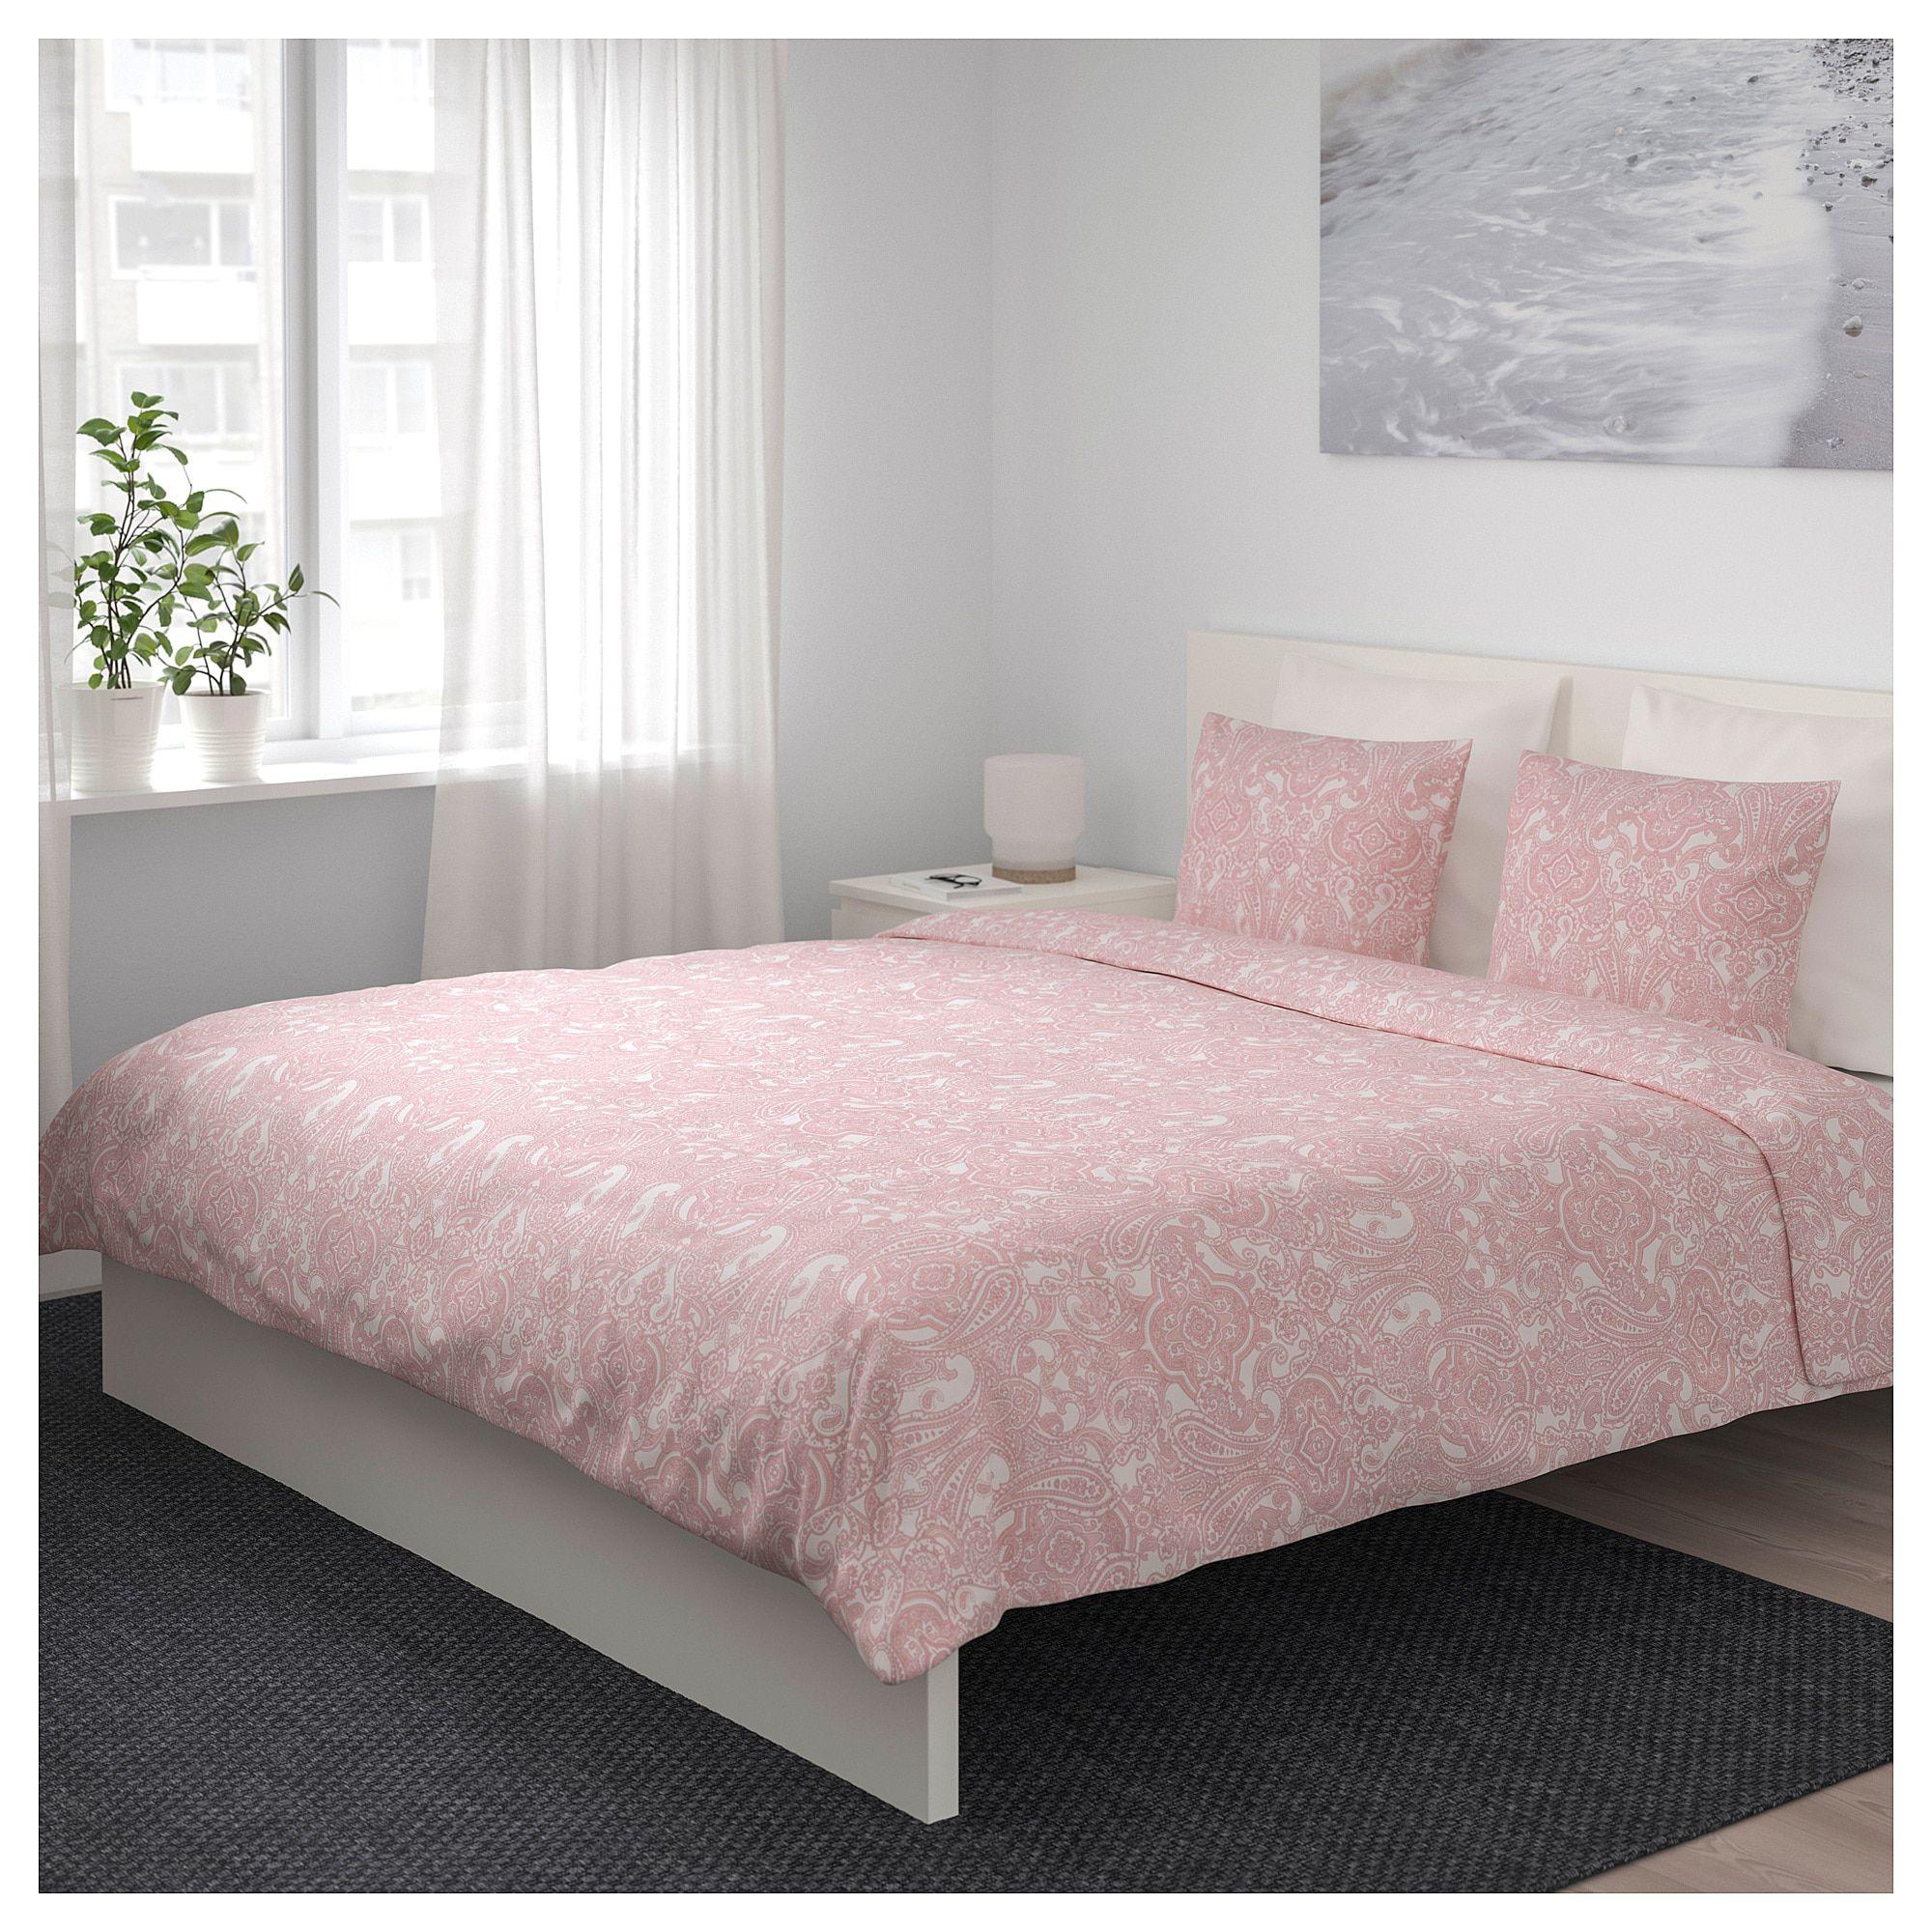 Ikea Jattevallmo Duvet Cover And Pillowcase S White Pink